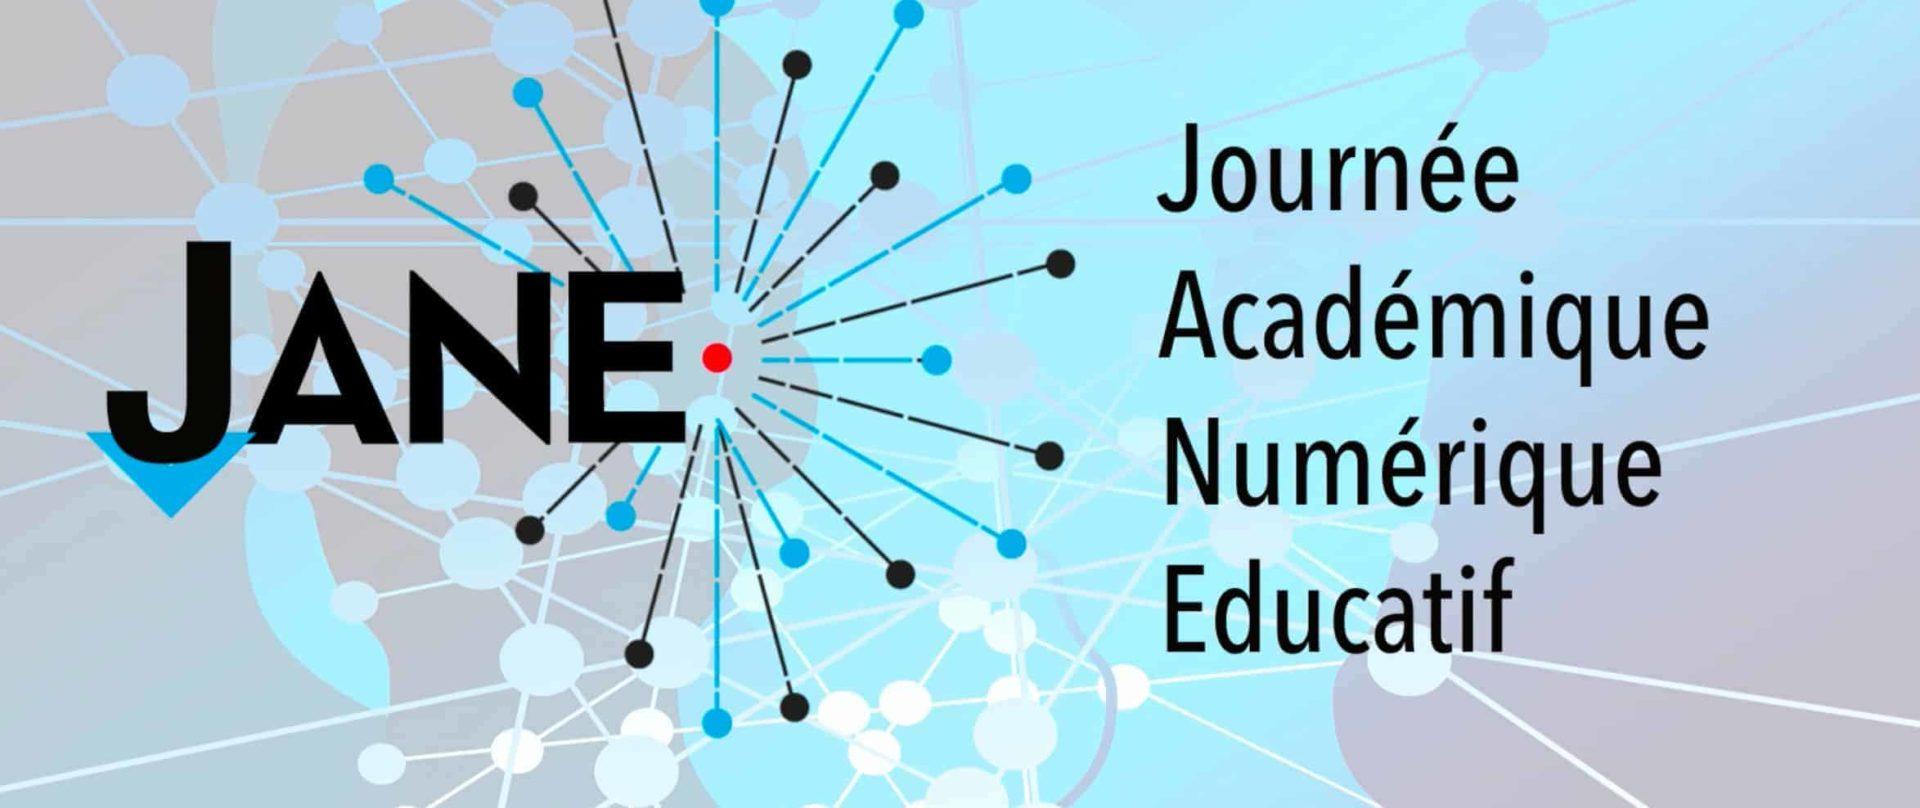 Journée Académique Numérique Éducatif | AC Nancy-Metz - Vincent Zobler